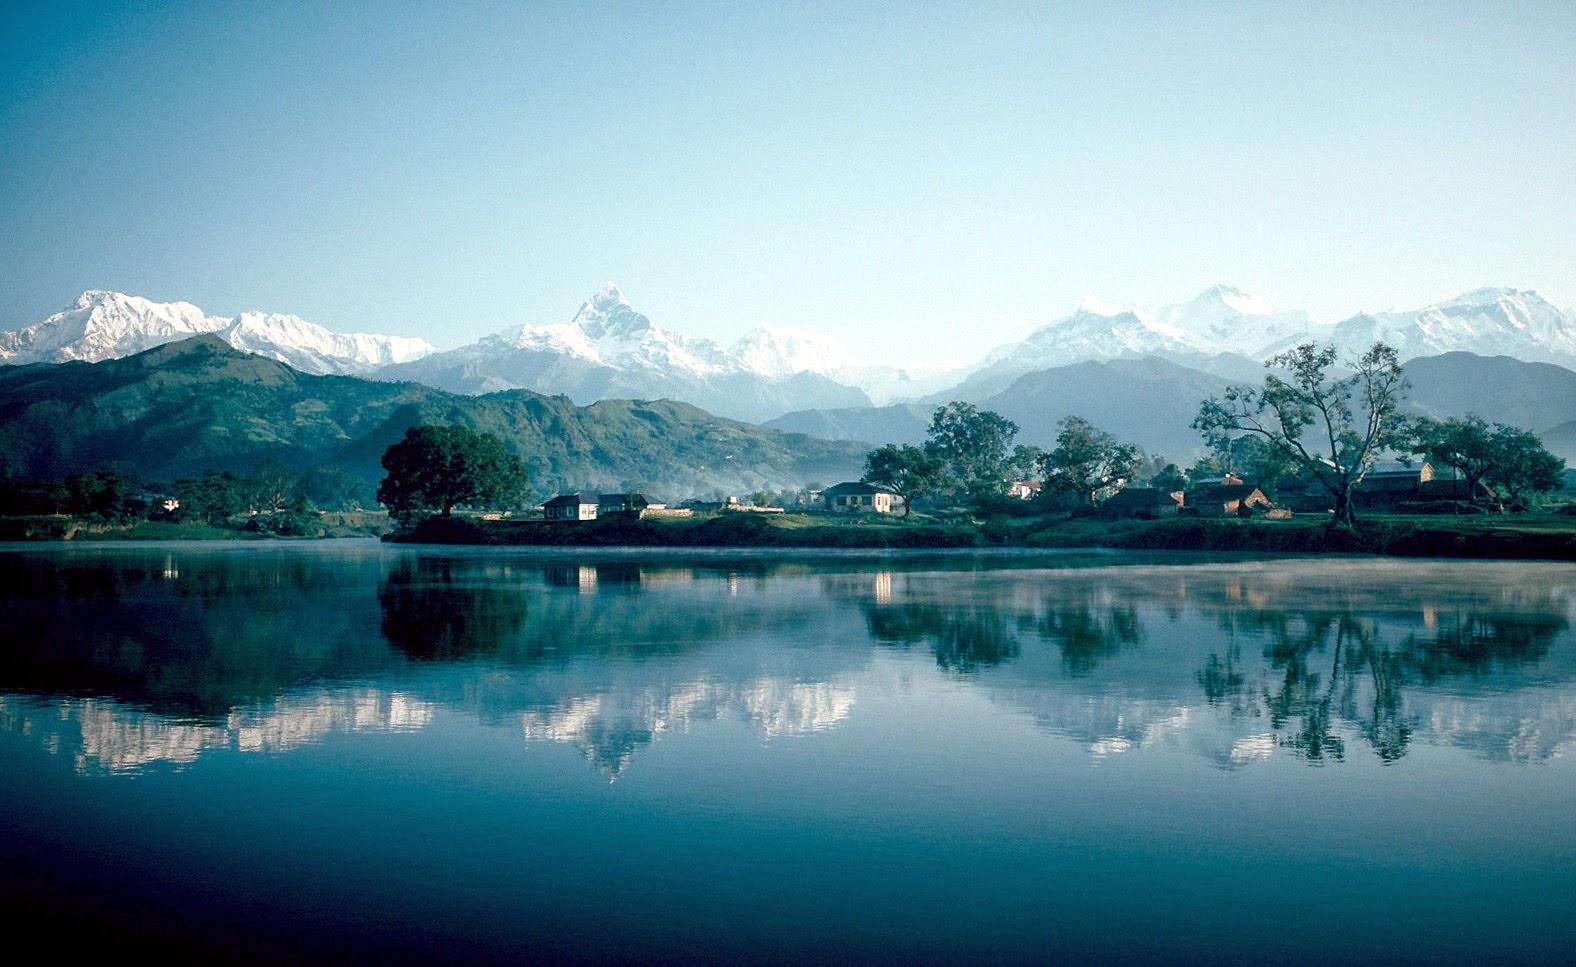 pokhara and phewa lake